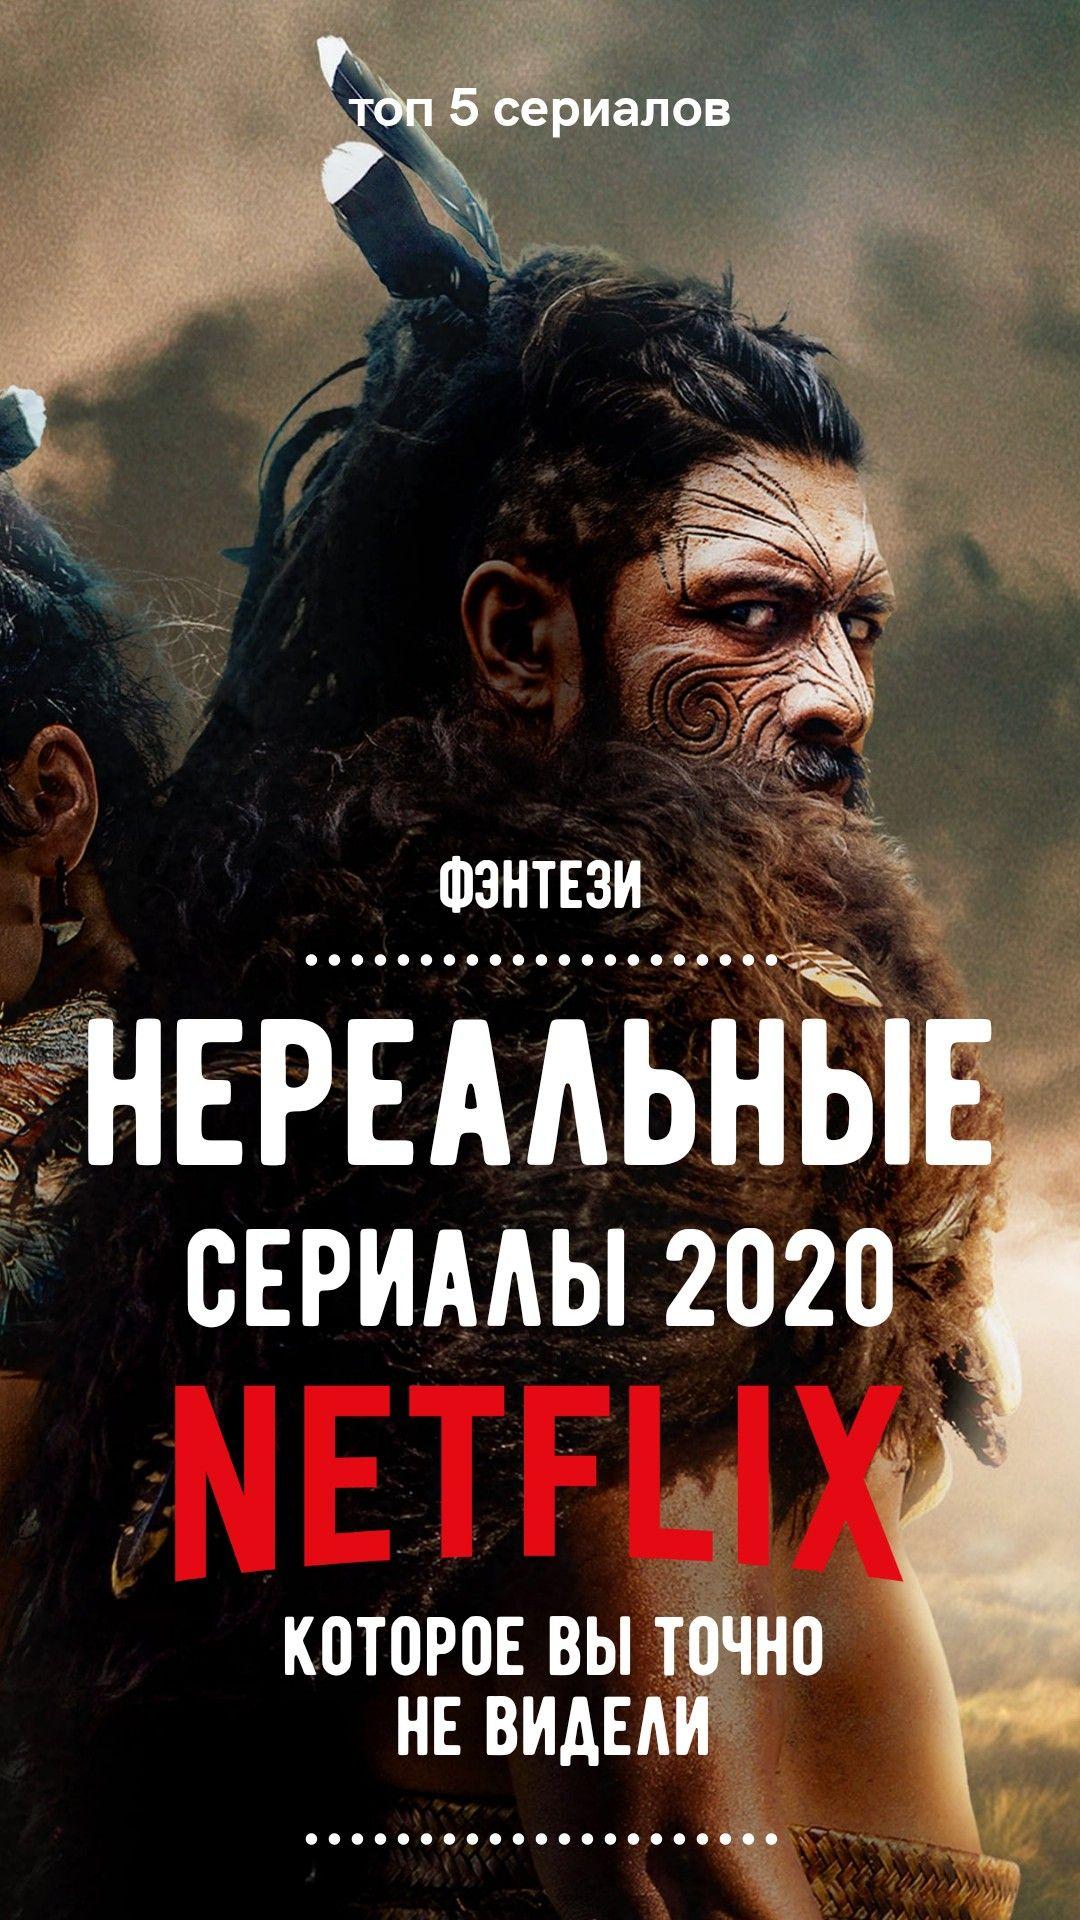 5 Pronzitelnyh Novinok Fentezi 2020 Kotorye Vy Skoree Vsego Ne Videli V 2020 G Semejnye Filmy Horoshie Filmy Filmy Fentezi